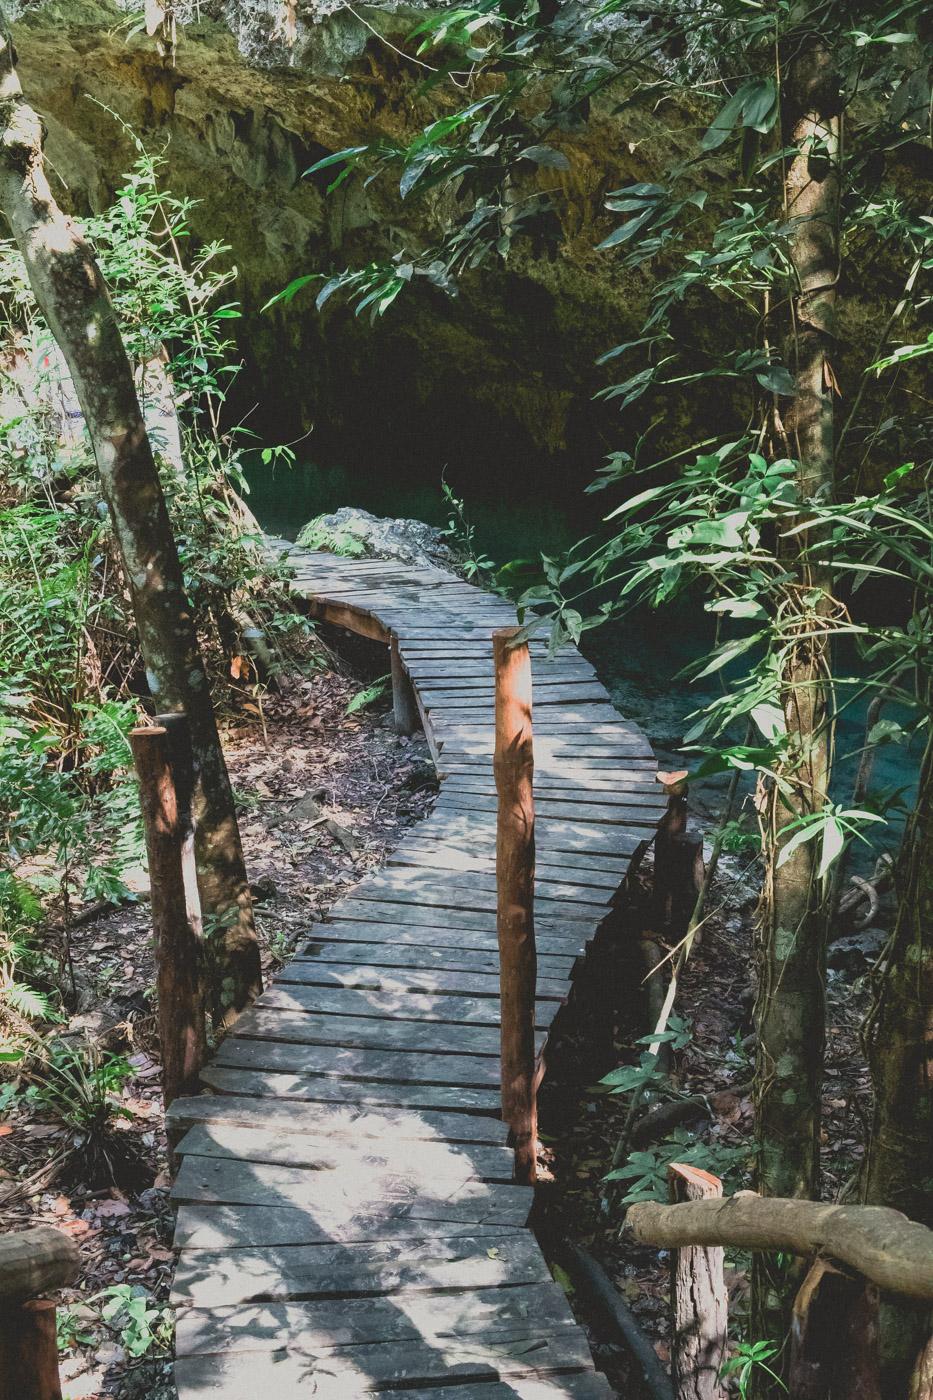 sac-actun-cenote-mexico.jpg